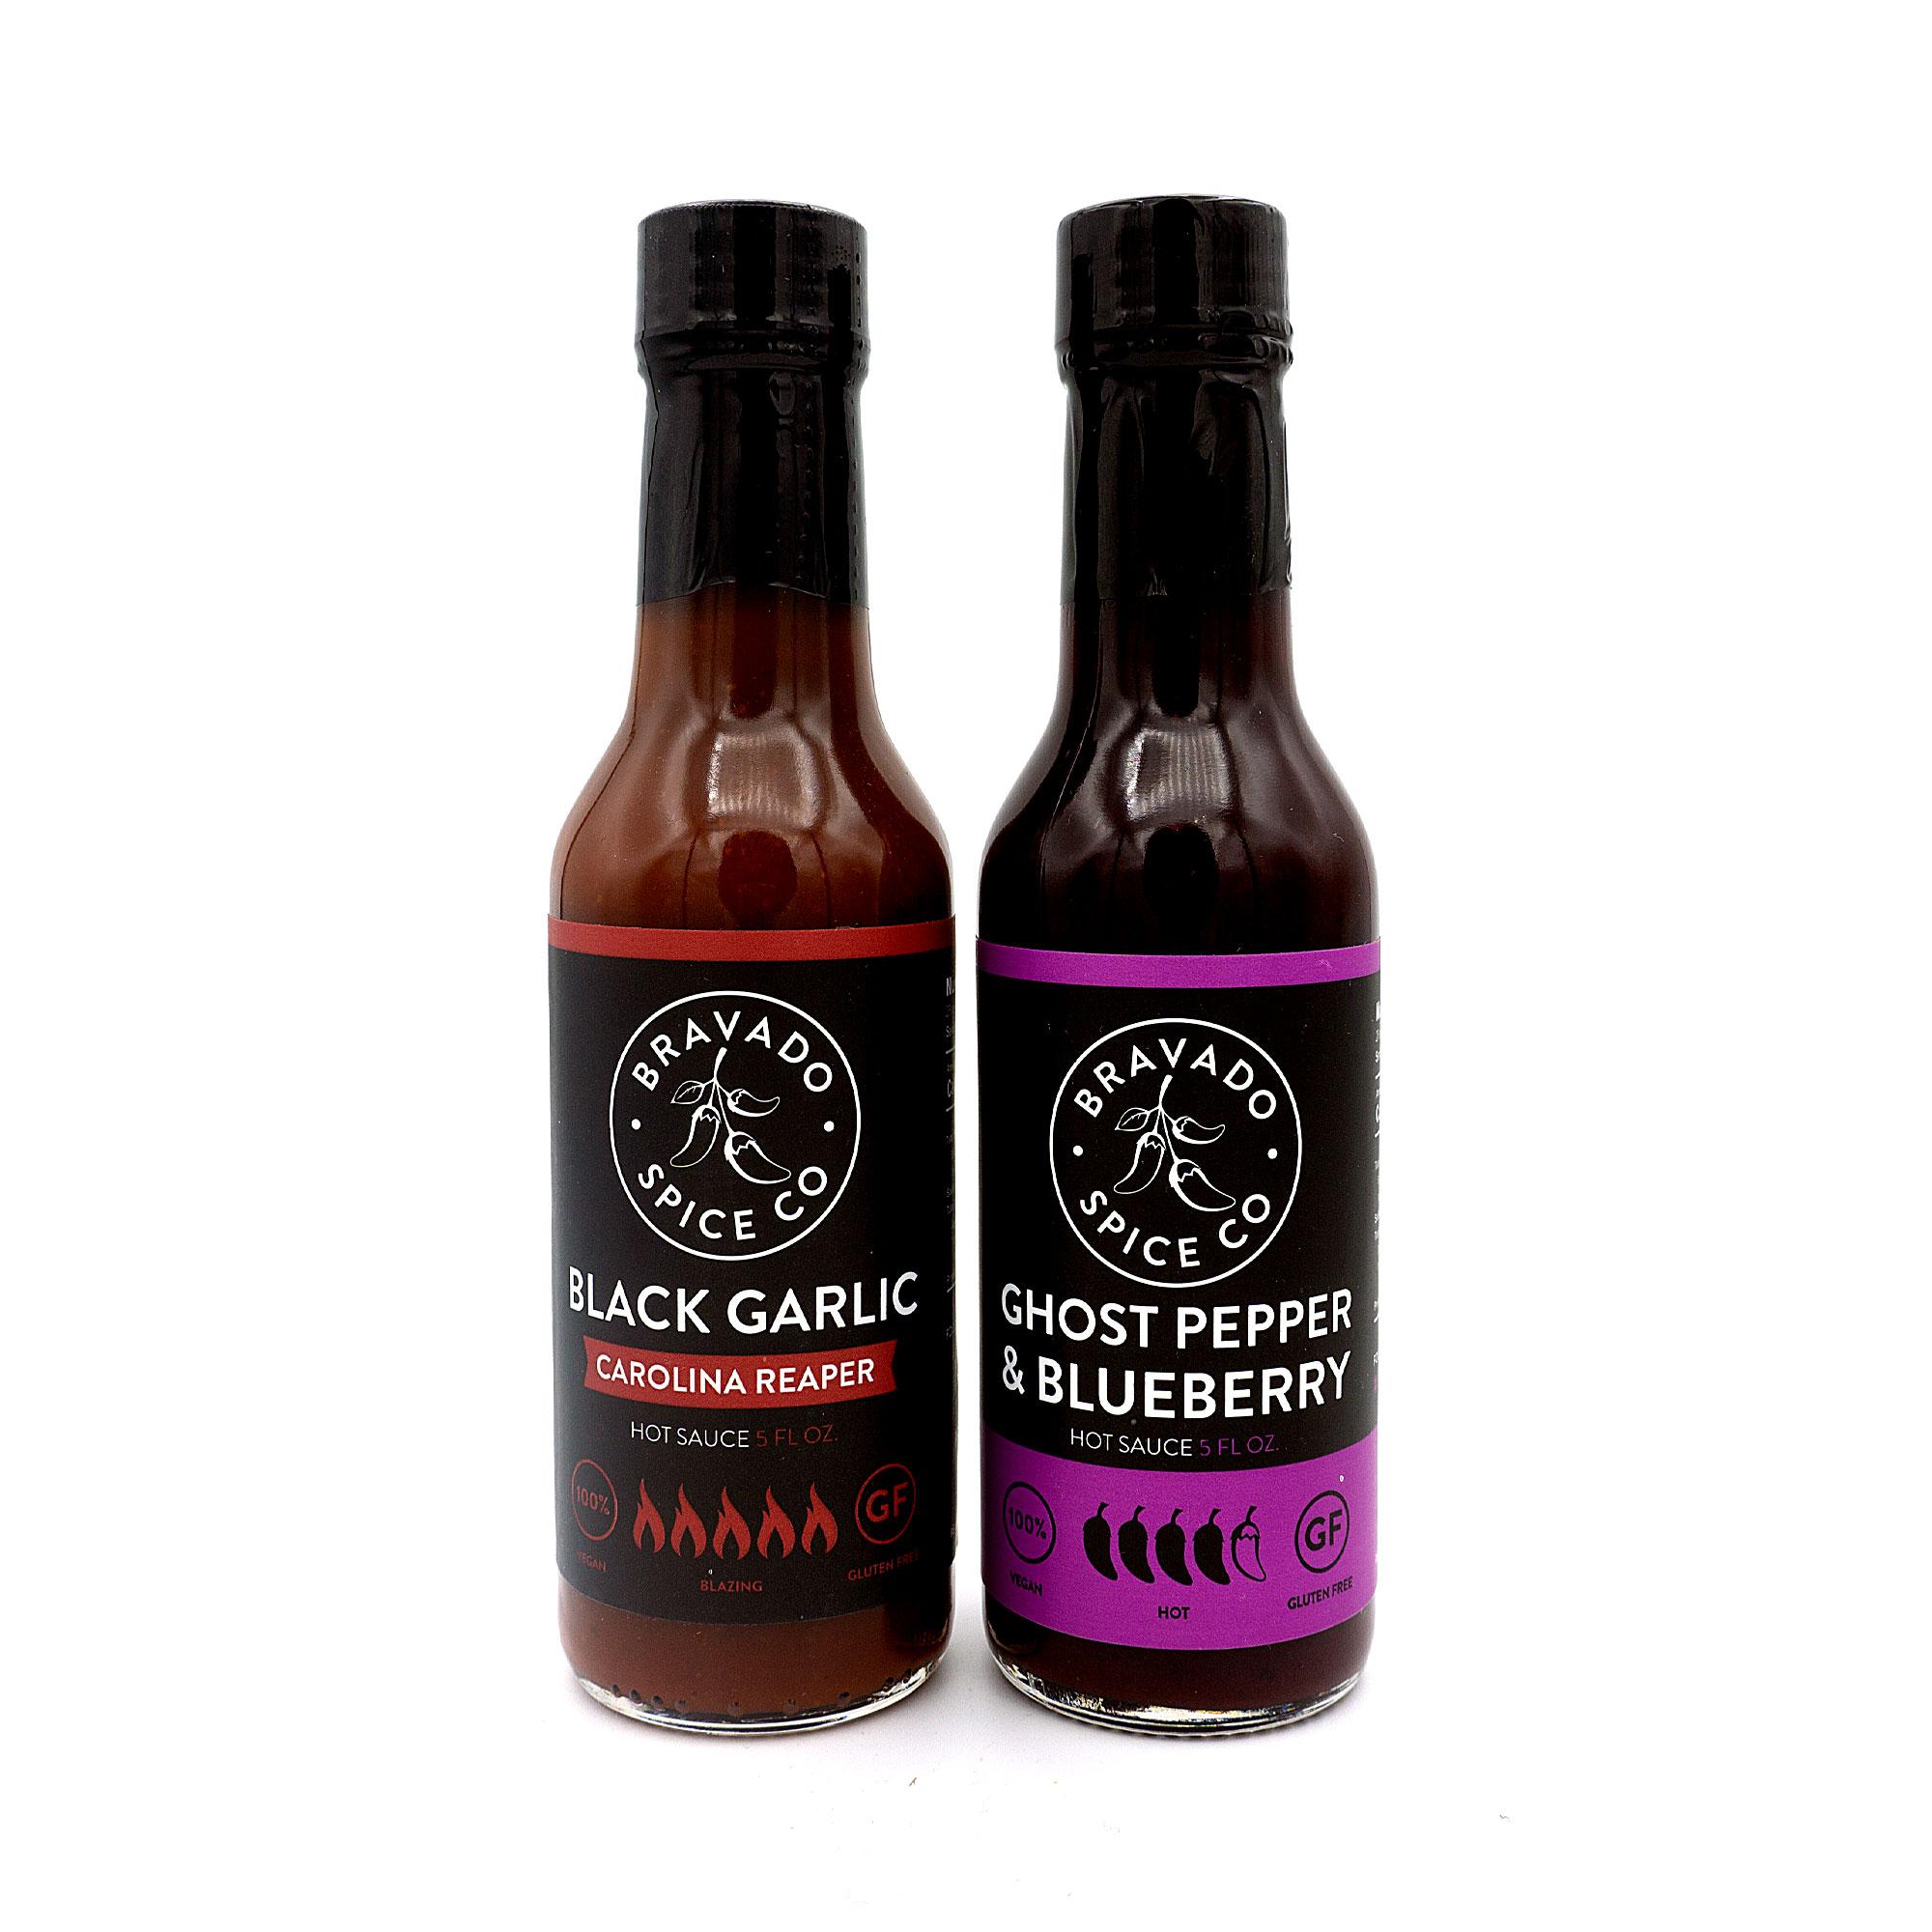 Bravado Spice Co | Mat's Hot Shop - Australia's Premier Hot Sauce Store